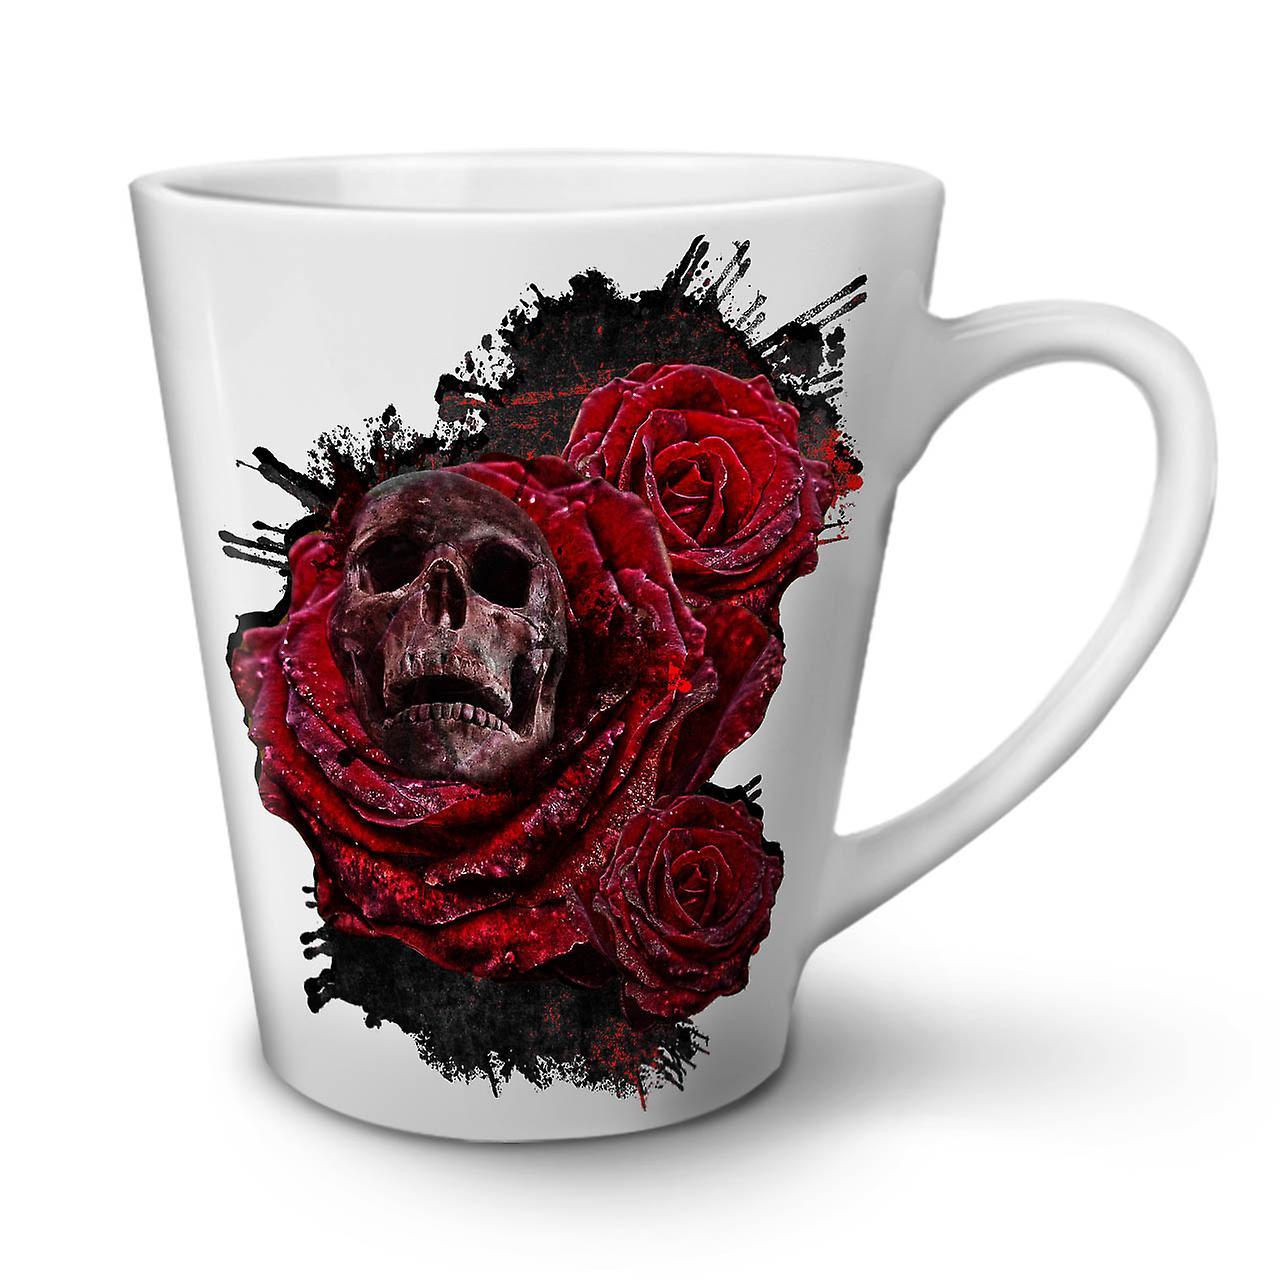 Métal Latte OzWellcoda Fleur En Céramique Nouvelle 12 Café Blanche Rose Tasse UVGpSzqM